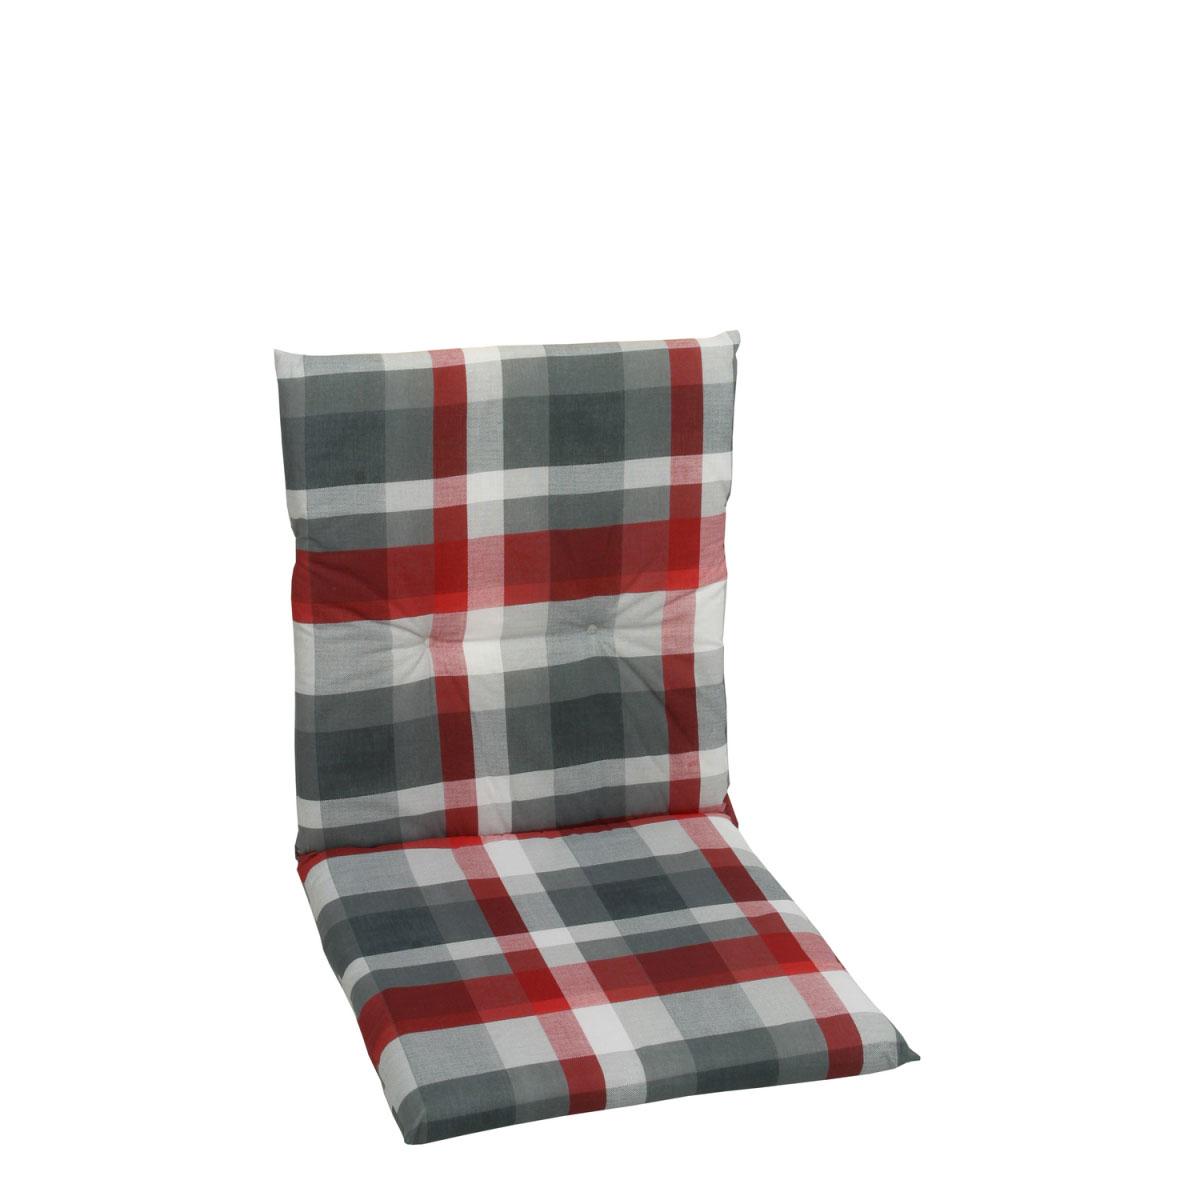 """Truhen und Auflagen - Sessel Auflage """"Dessin 15855"""", nieder, 100 cm 100 cm  - Onlineshop Hellweg"""